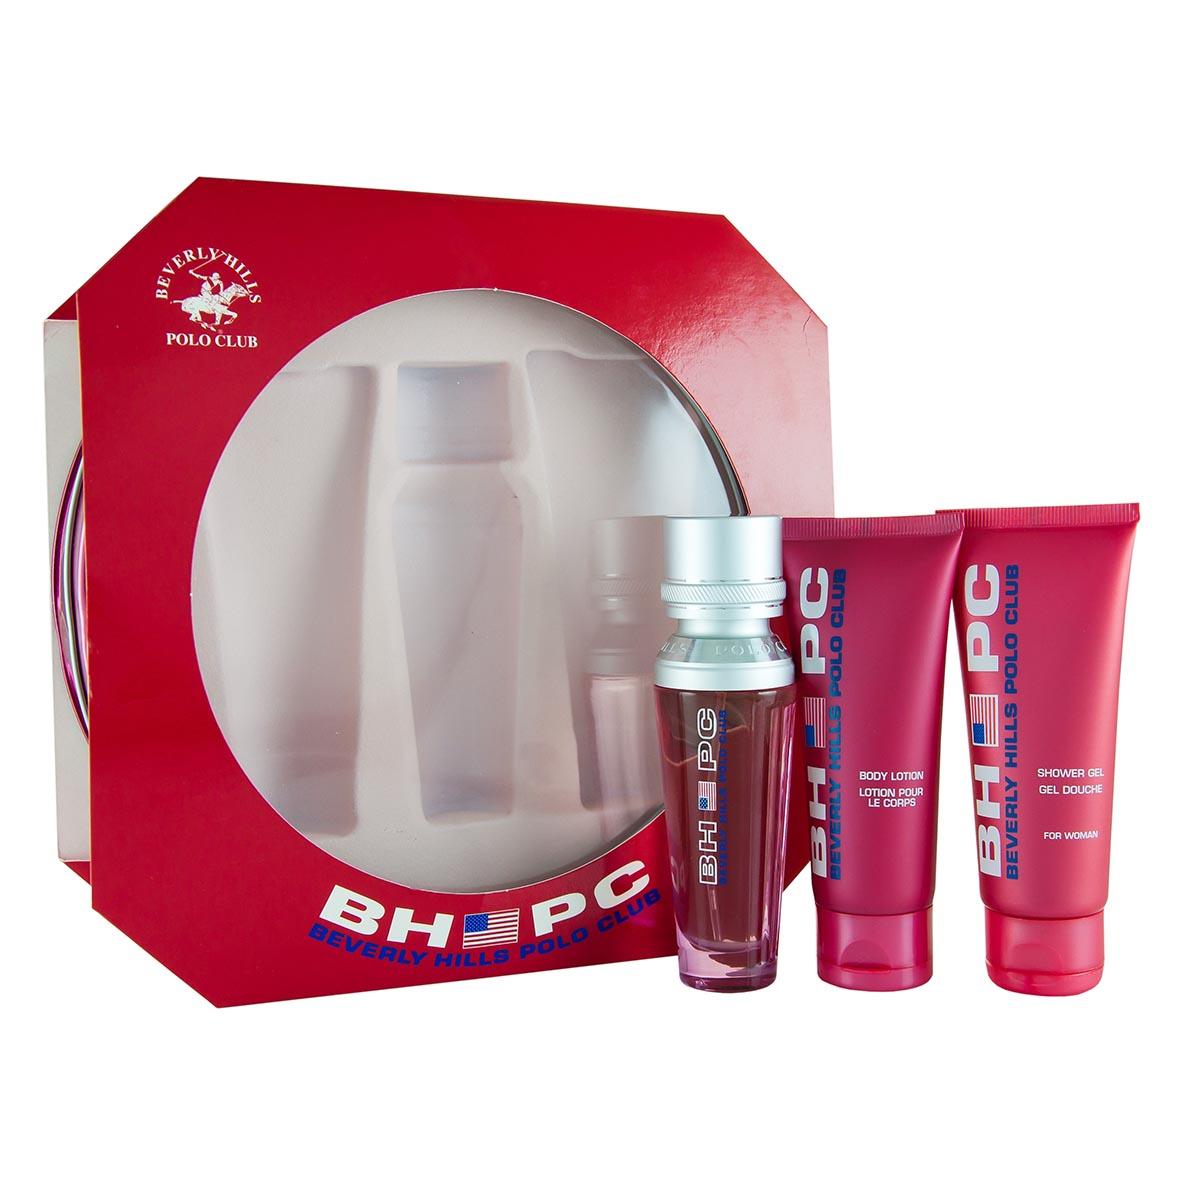 Beverly hills polo club sport pour femme eau de toilette 50ml vaporizador gel 75ml leche corporal 75ml